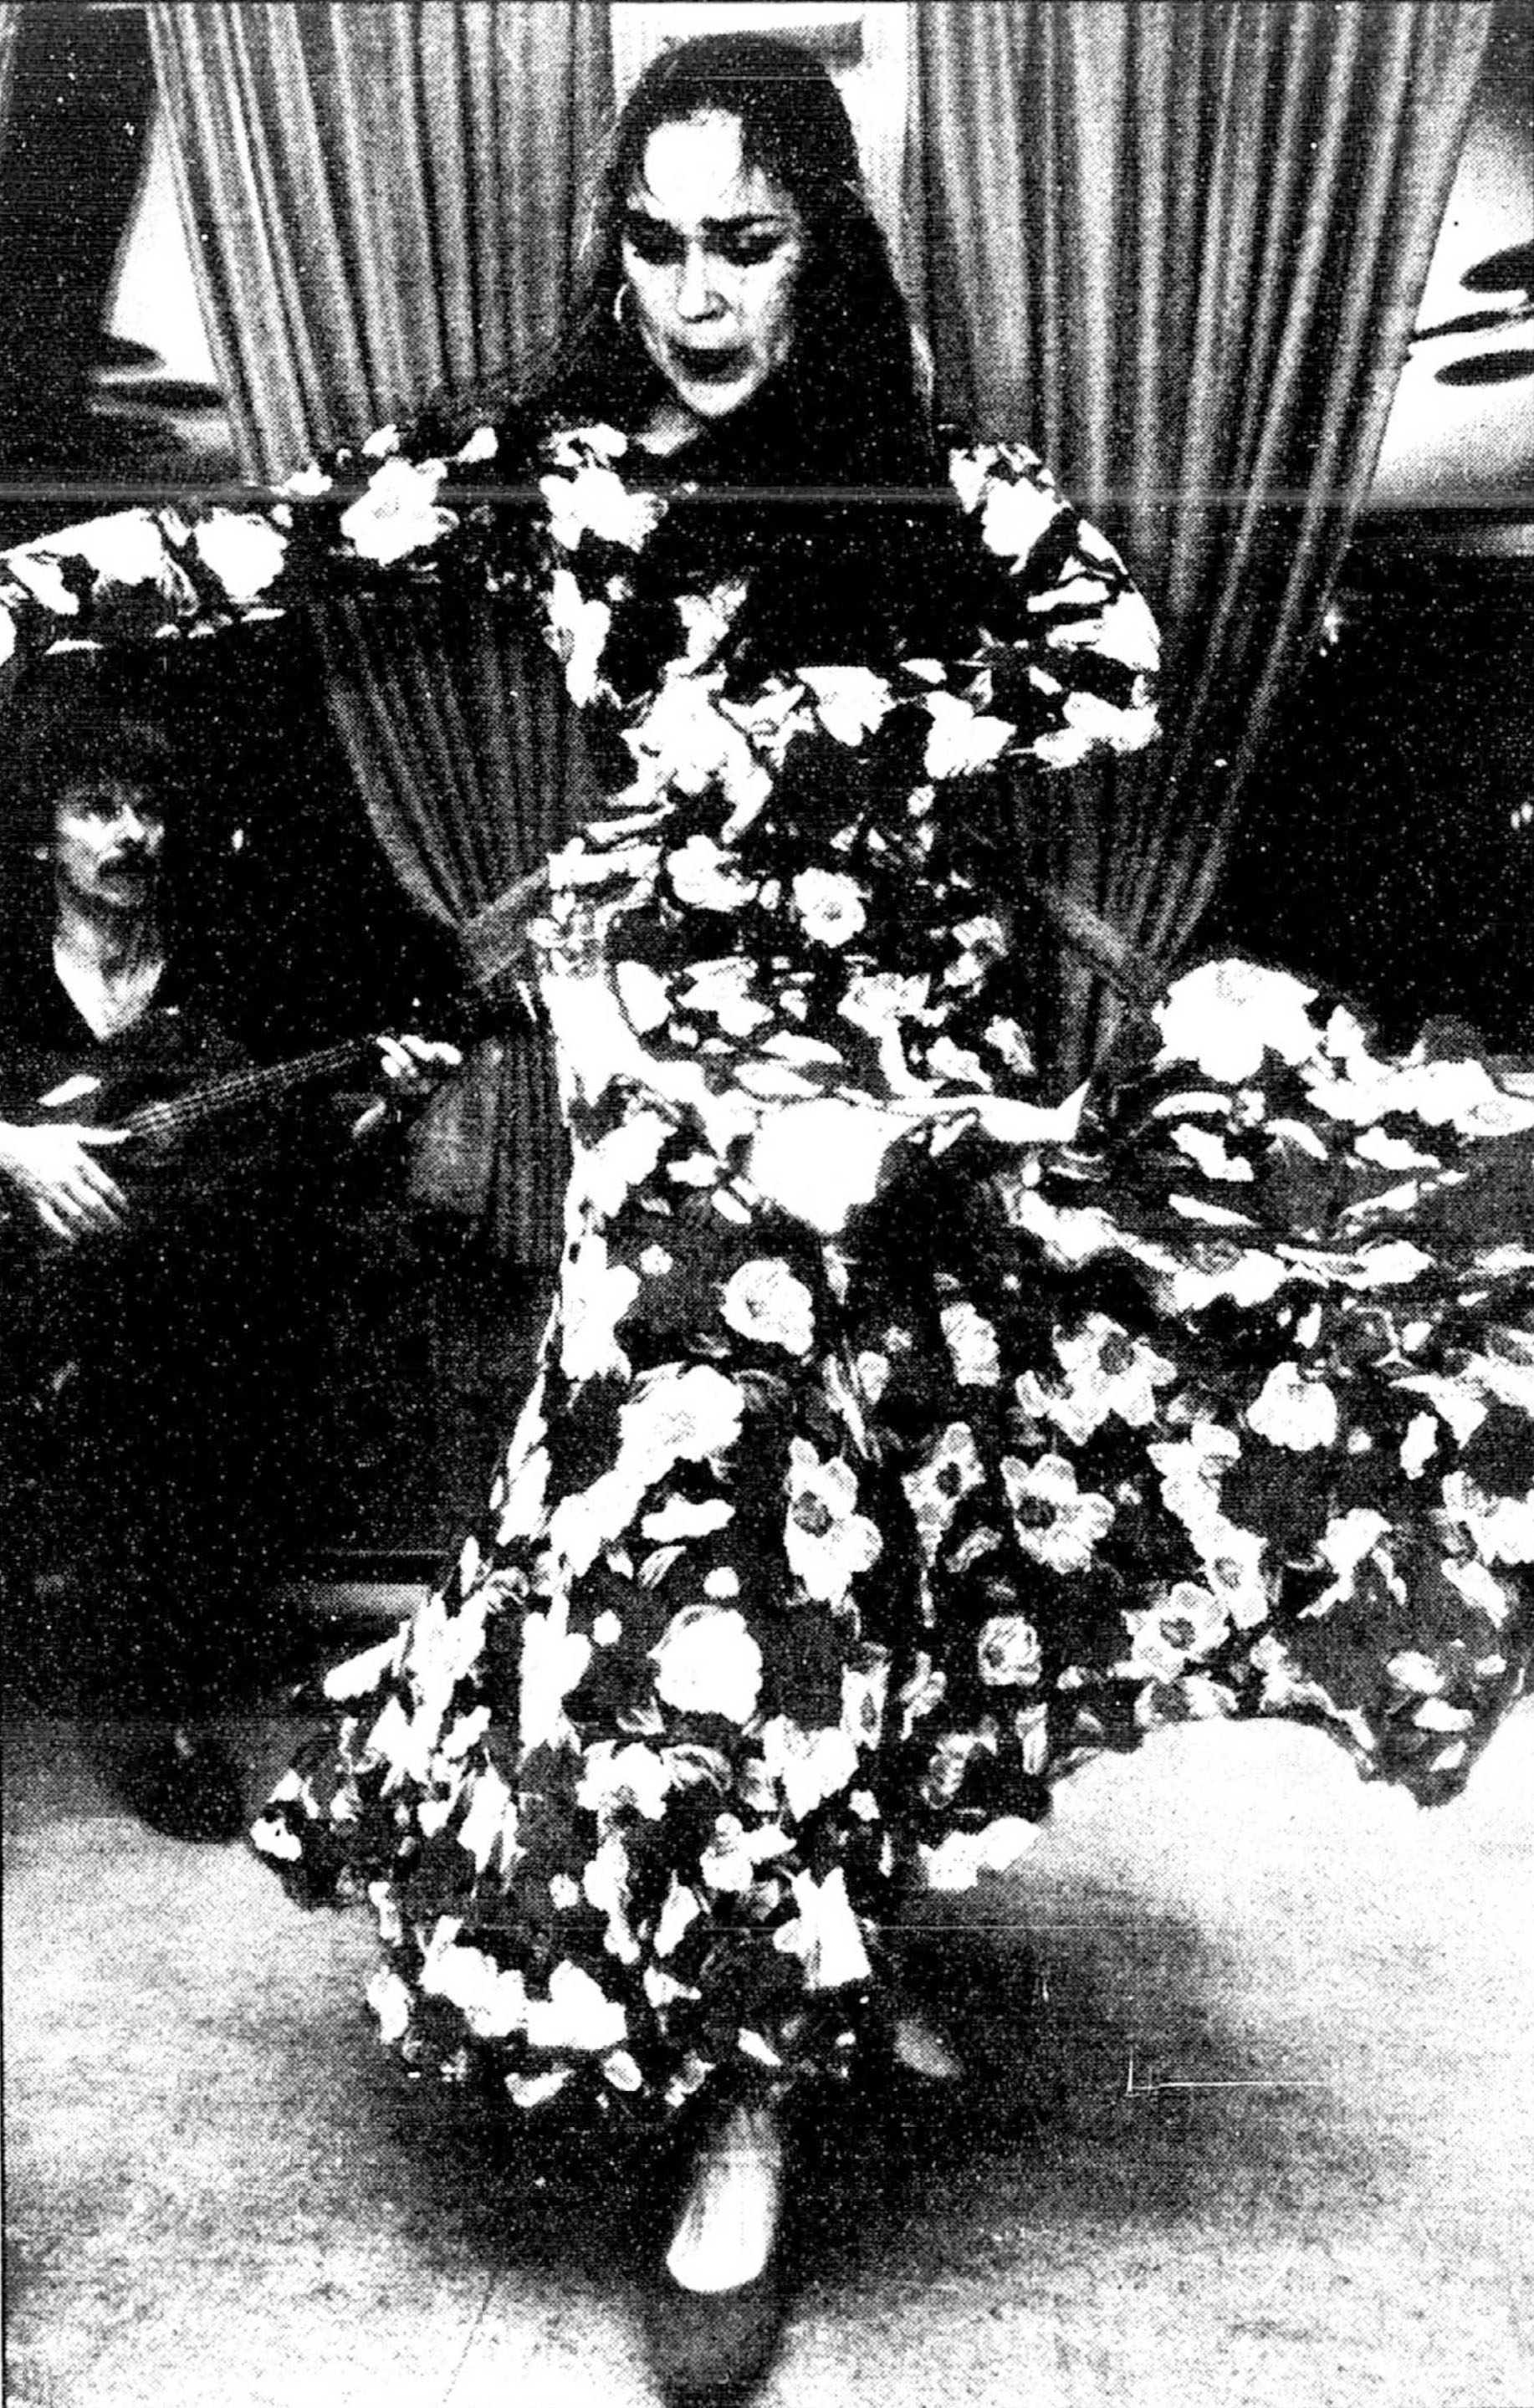 Une danseuse de flamenco à l'avant-plan et un guitariste à l'arrière-plan